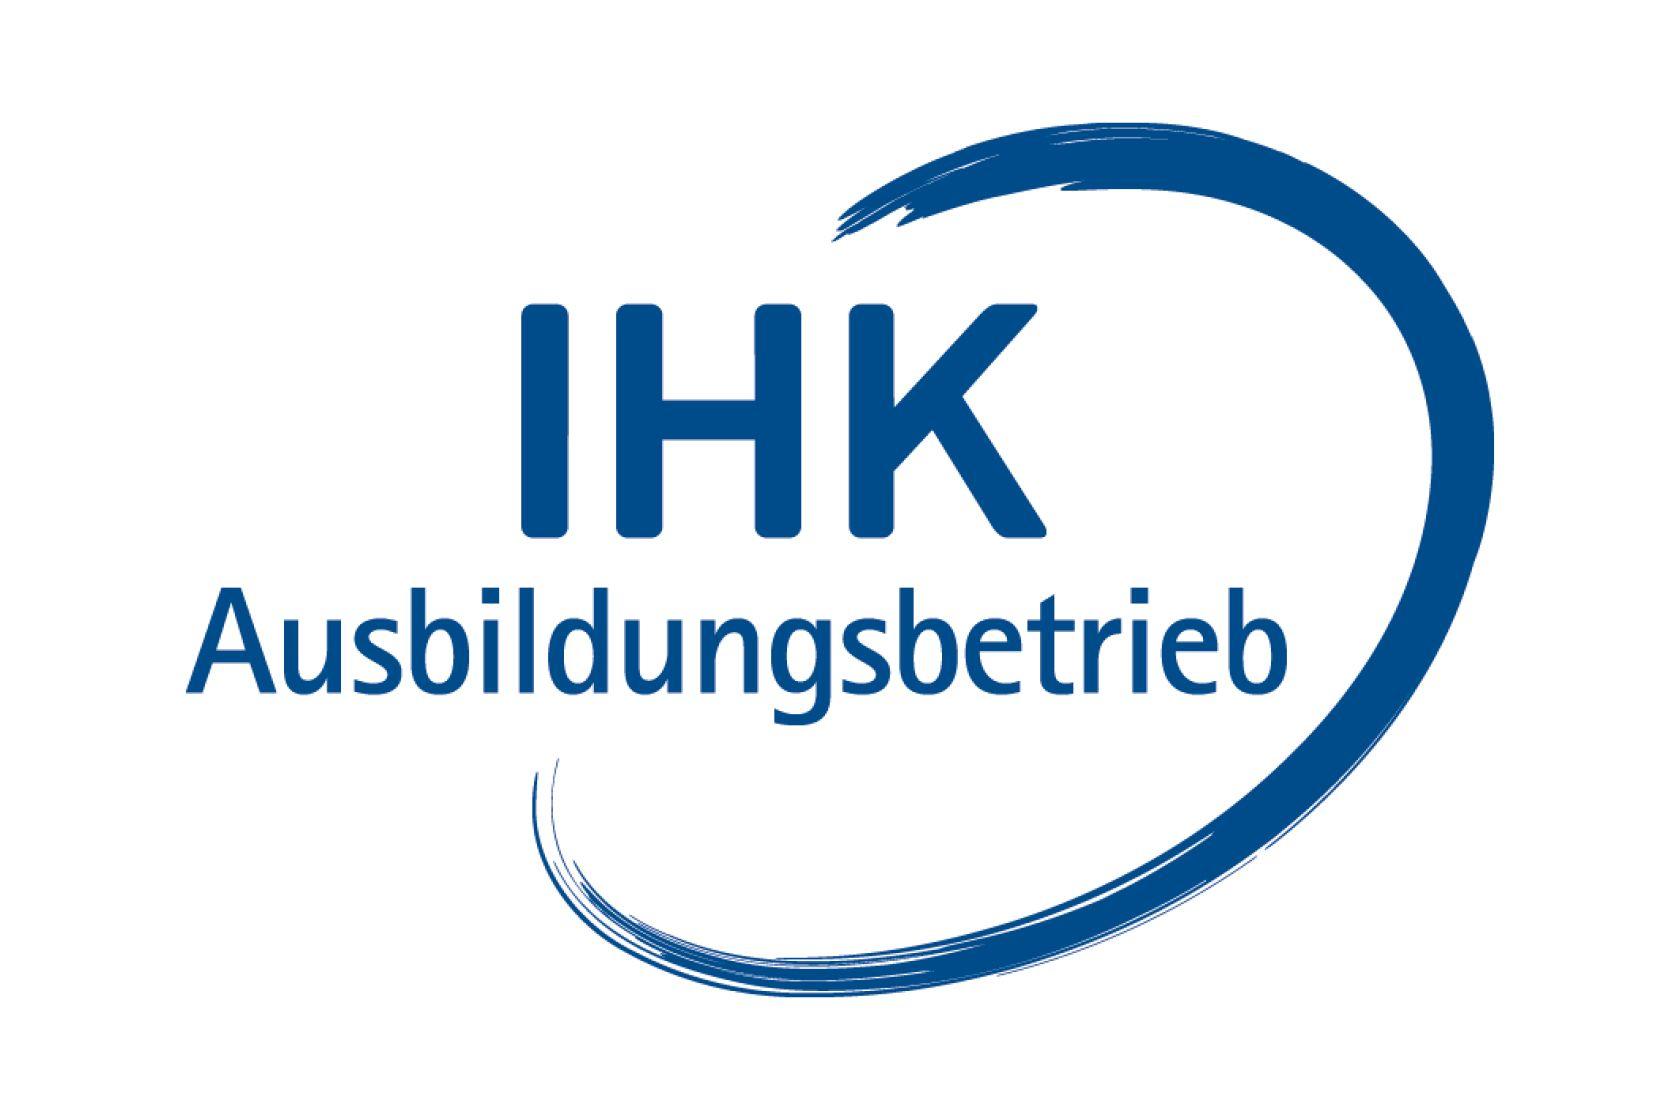 IHK de la Región de Stuttgart